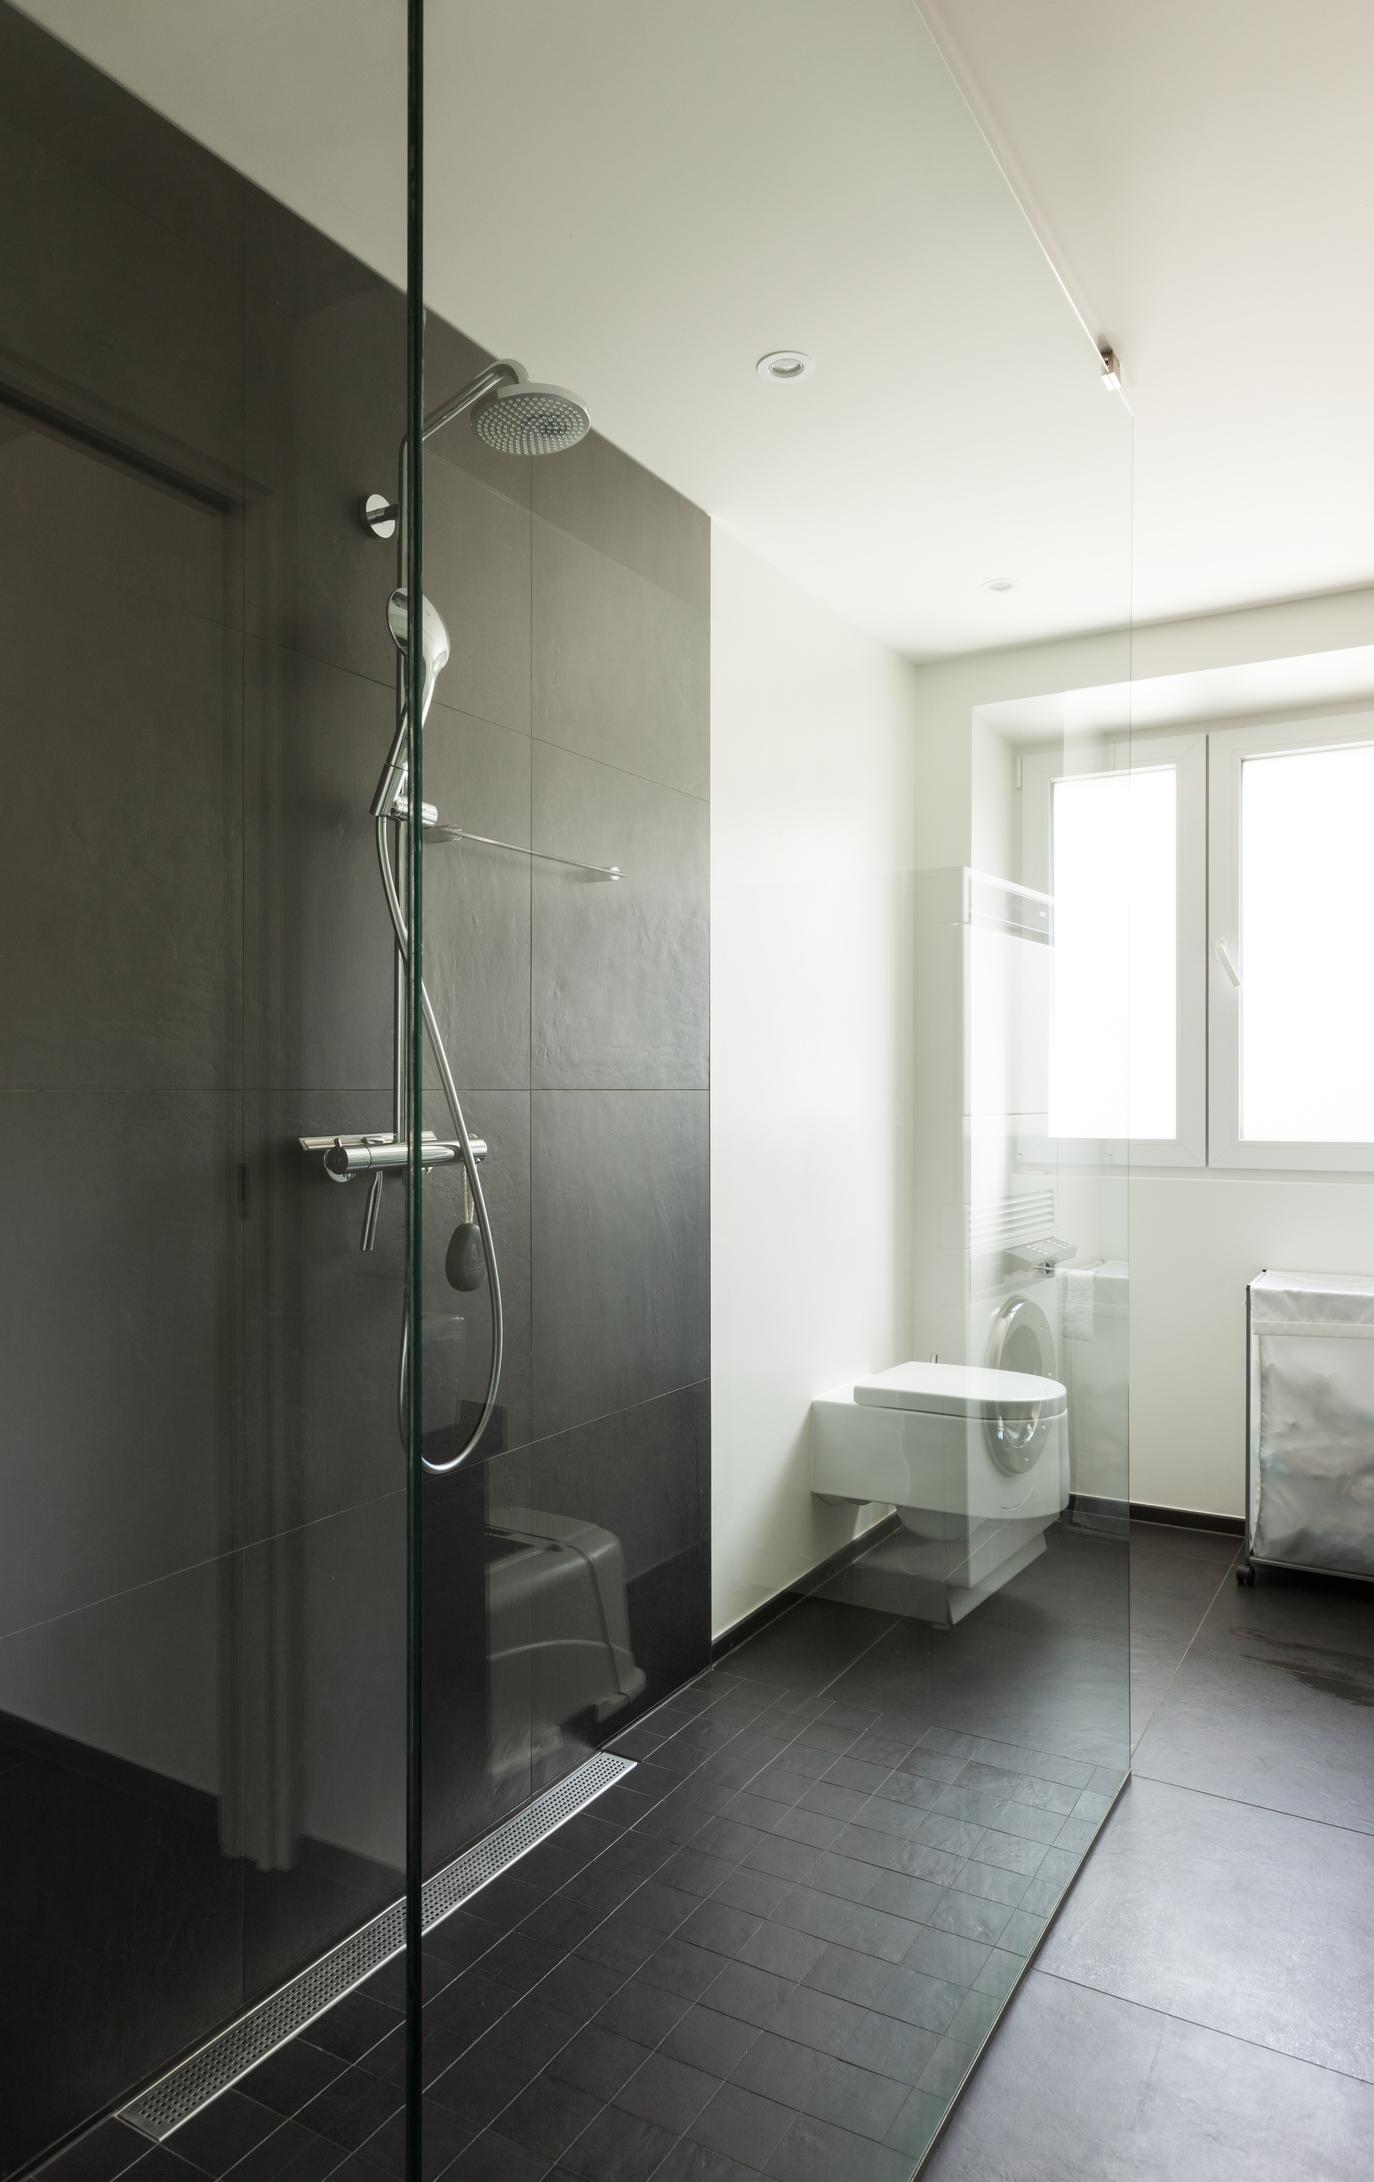 Nuove idee e consigli per progettare e arredare un bagno - Pavimento bagno consigli ...